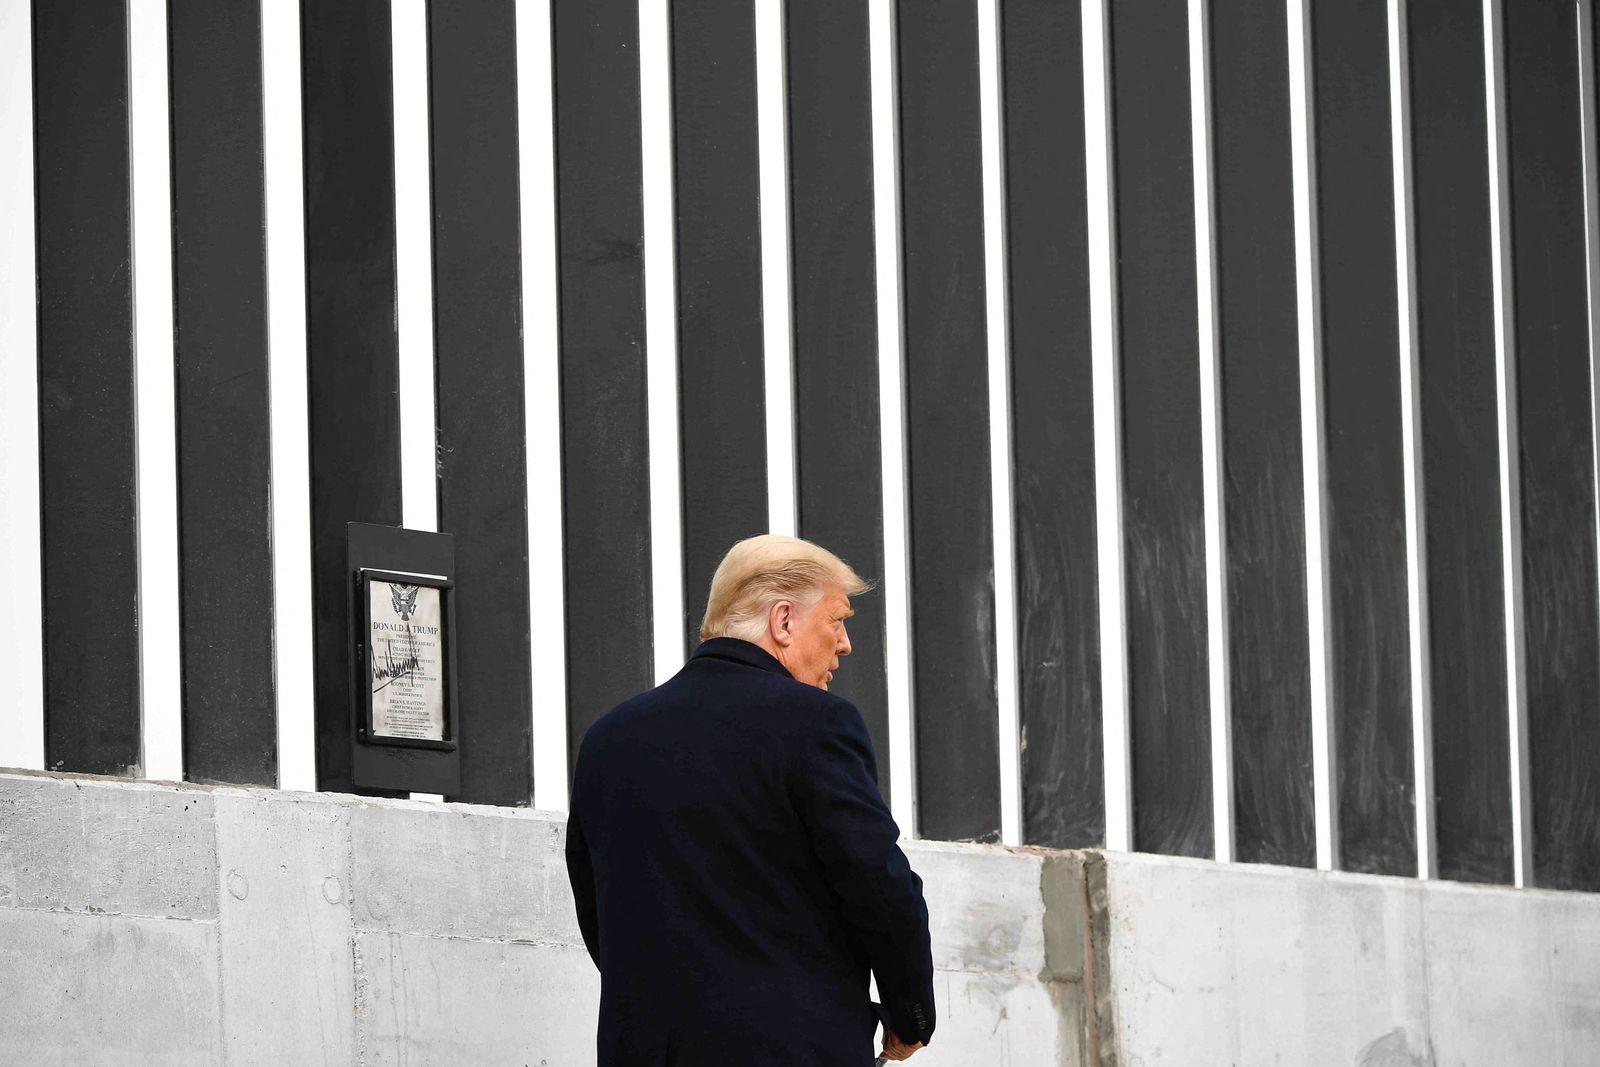 FILES-US-POLITICS-IMMIGRATION-TRUMP